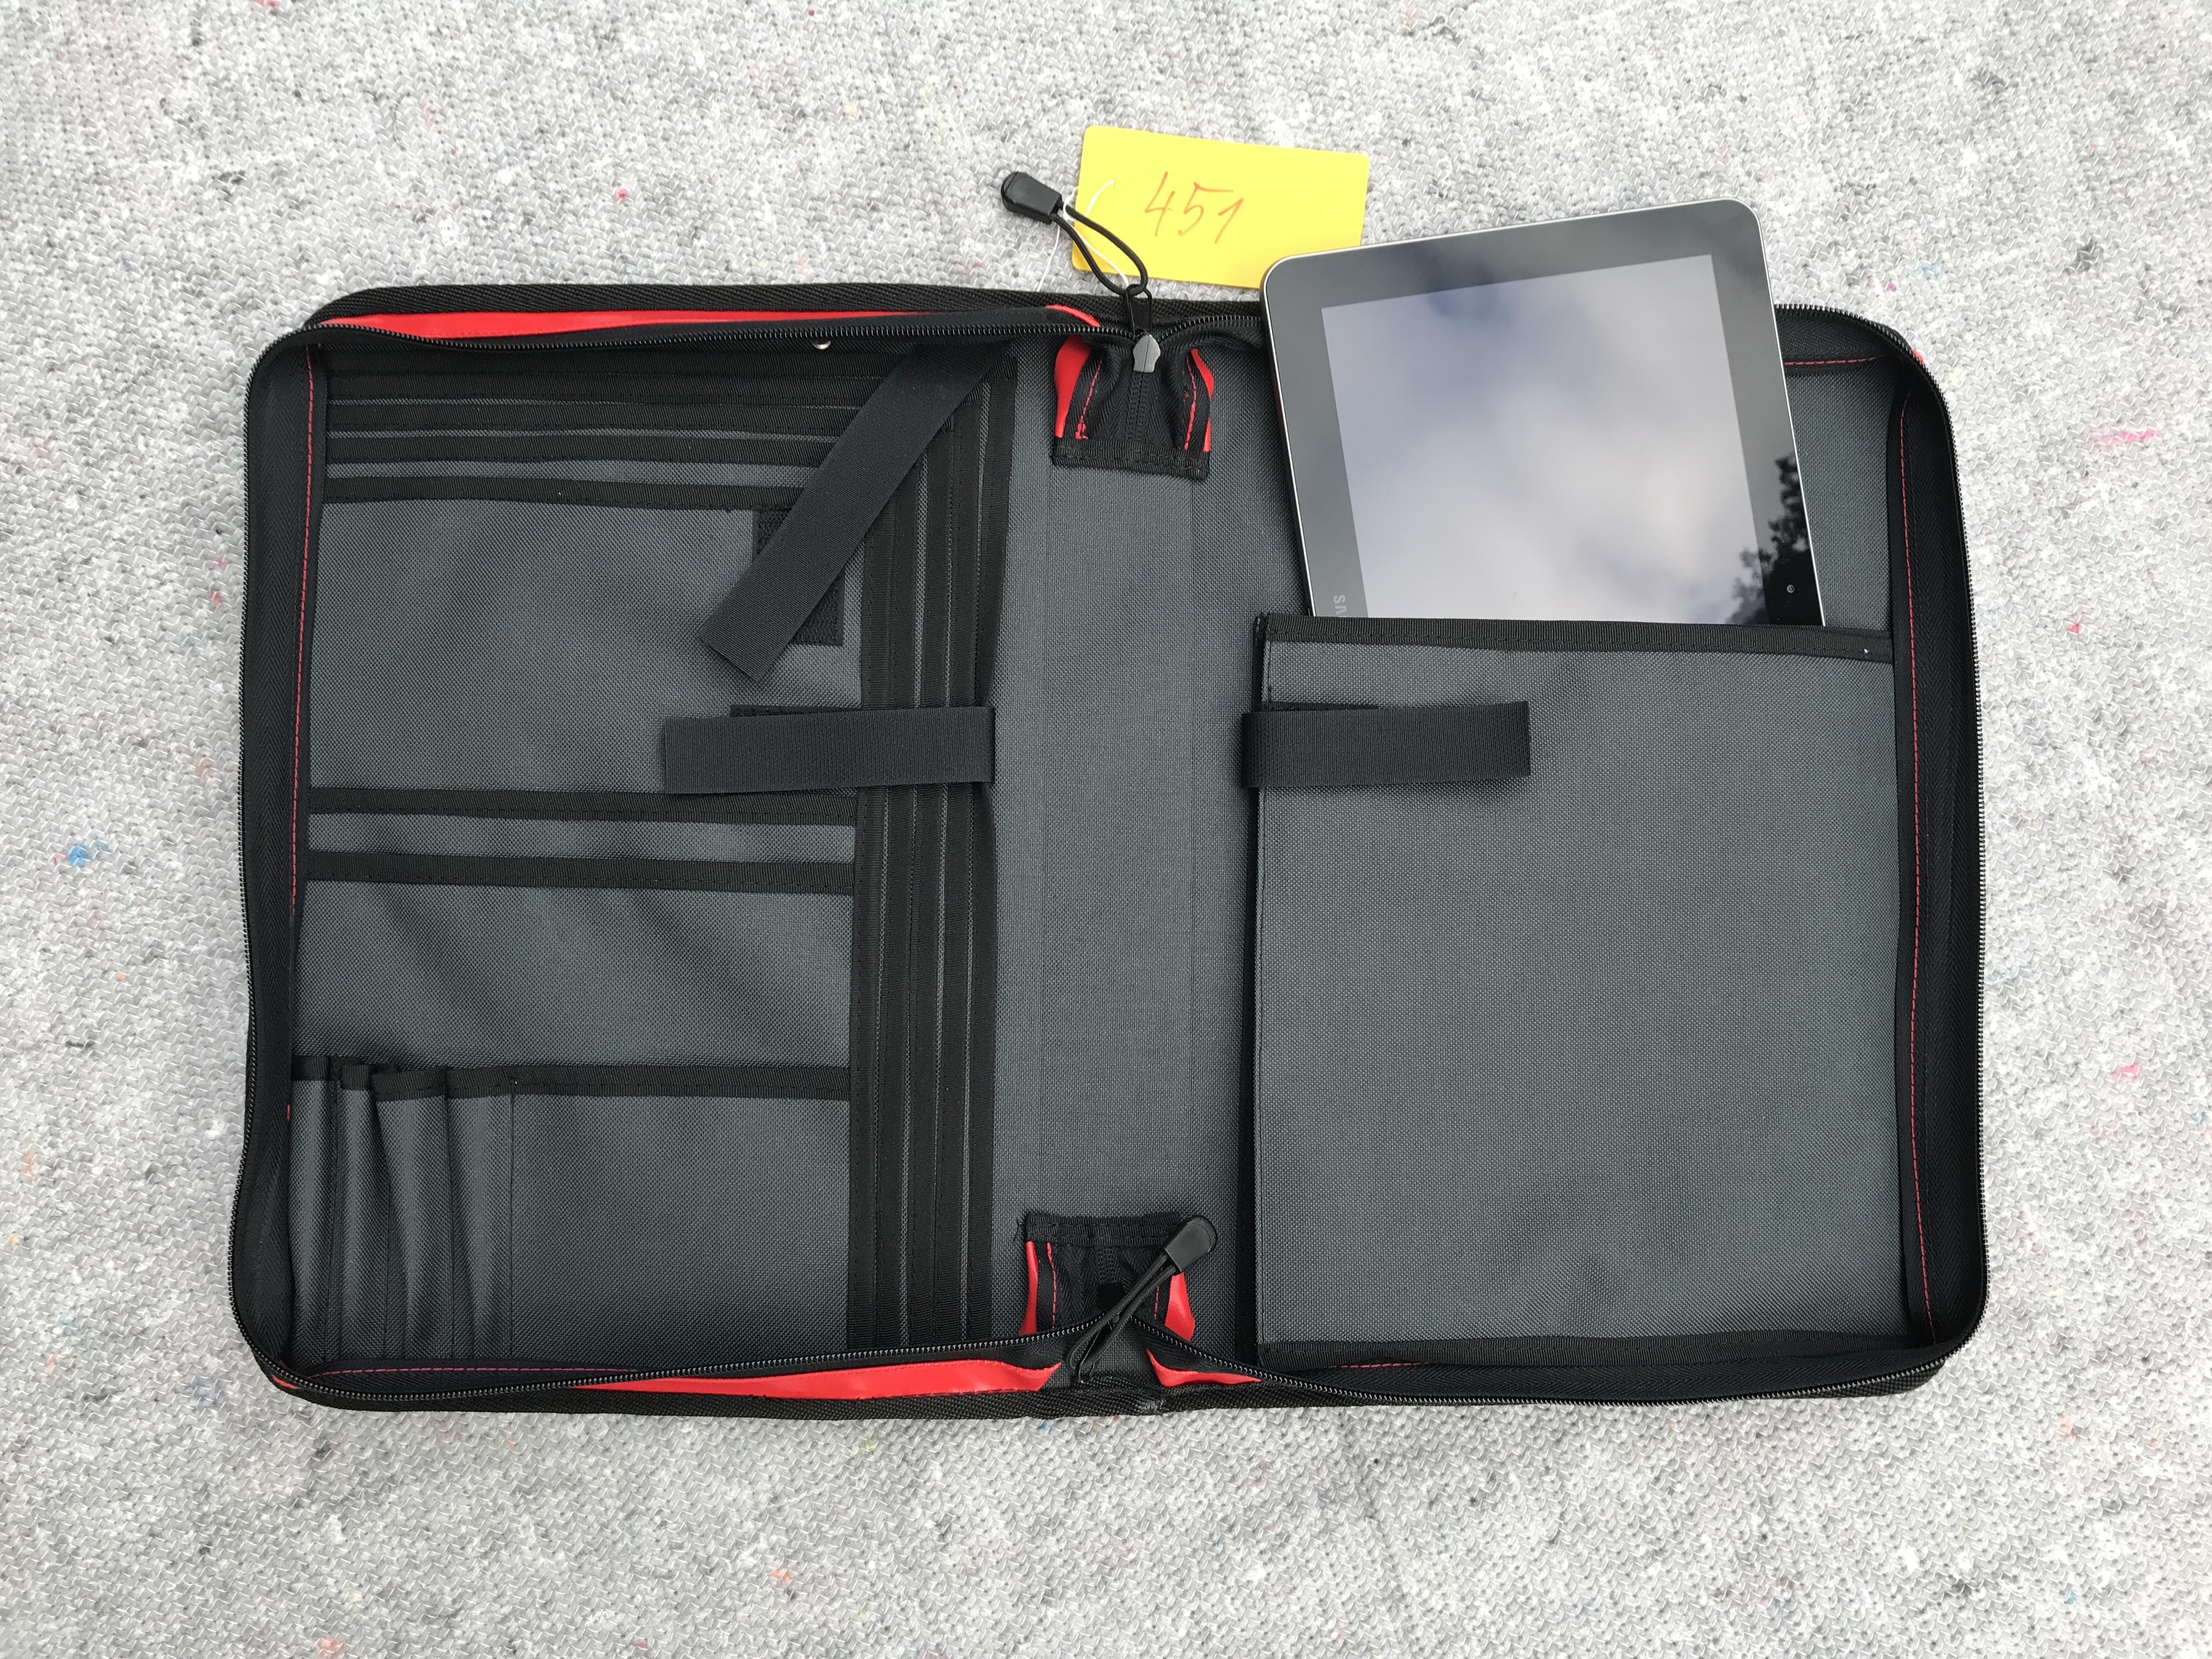 Tablettasche, Tabletorganizer, Dokumententasche, Einsatzleitertasche, Organizer, DIN A4, ca. 5cm Rückenbreite, rot